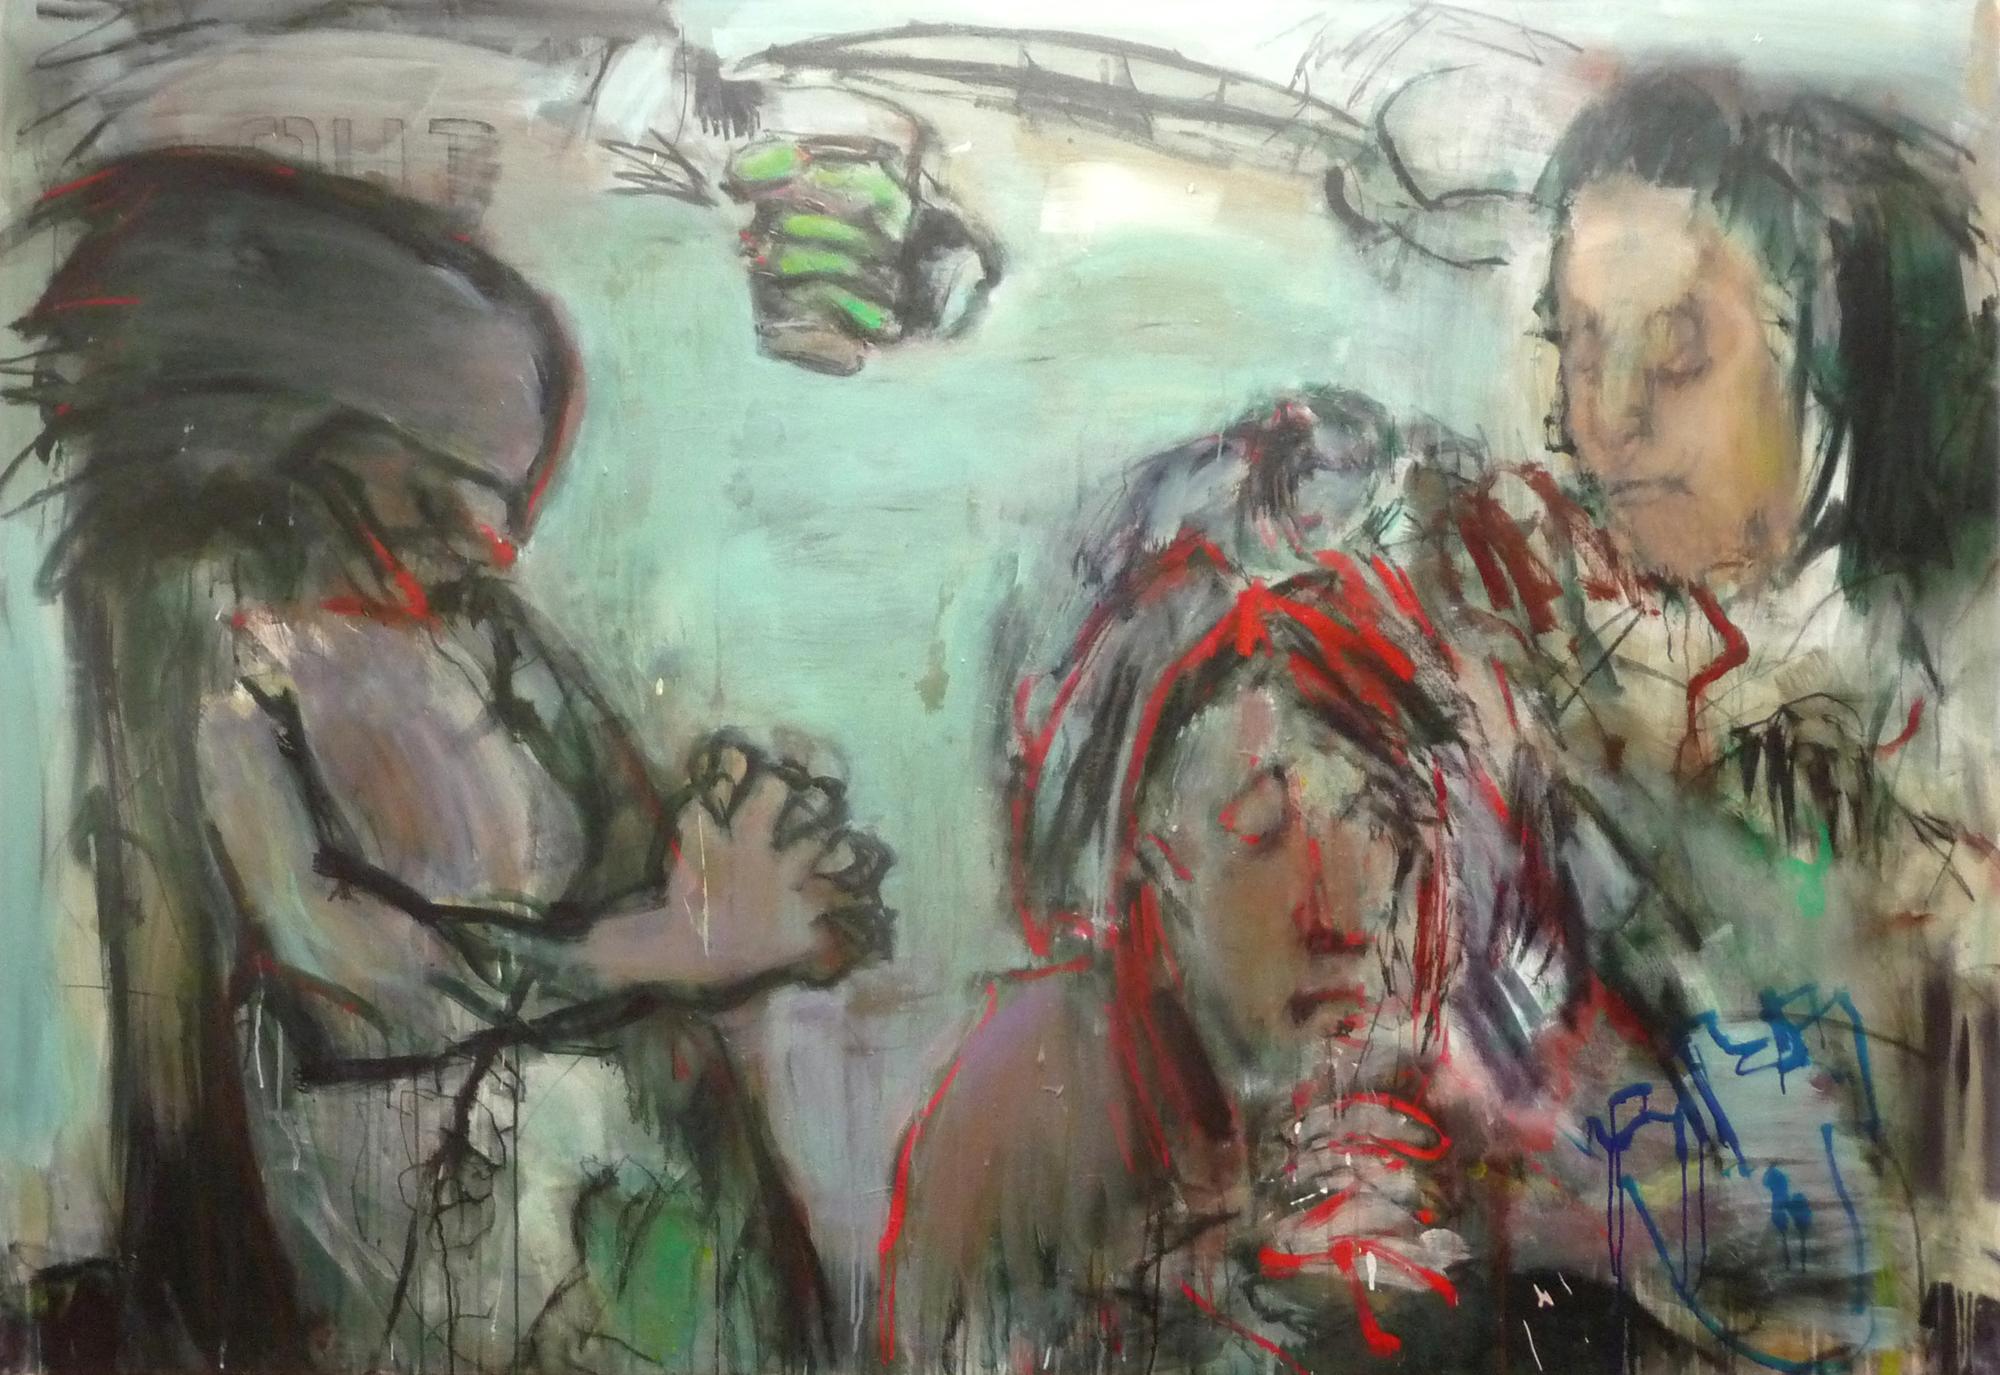 Gruppenausstellung: Filmzeichnungen / Malereien im Kulturzentrum Linse  2. 11. 2017 – 7. 1. 2018